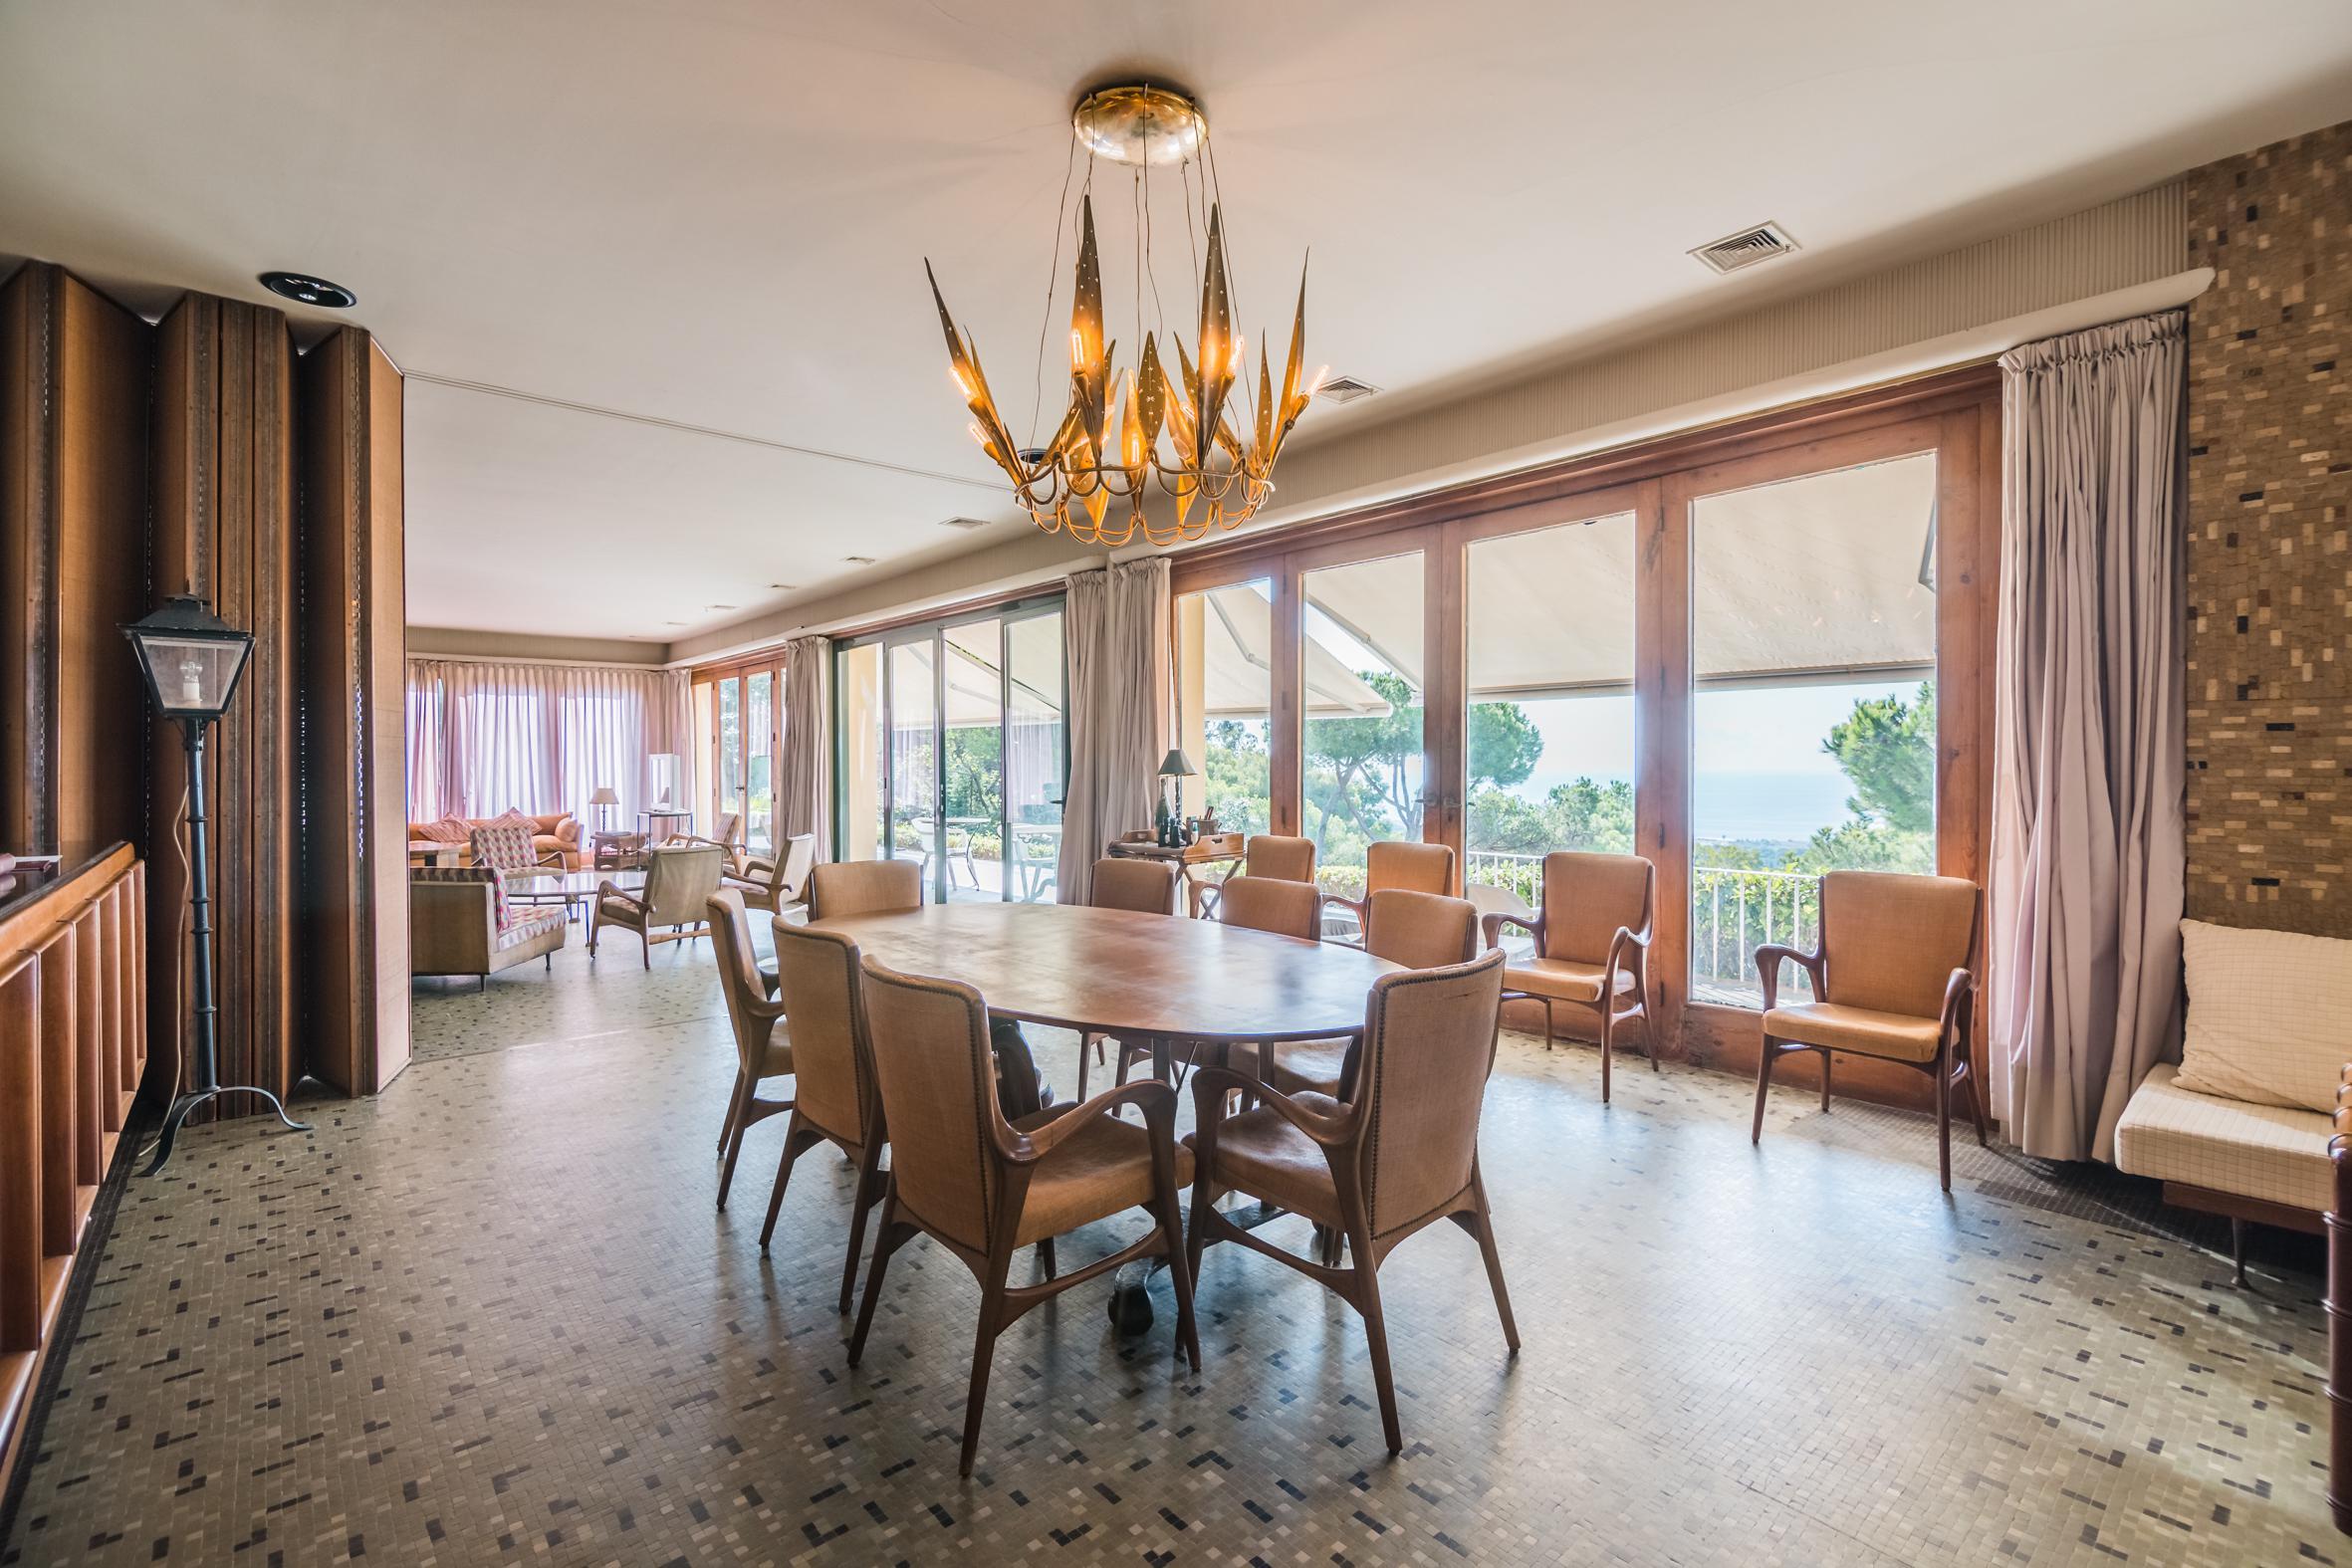 213533 Casa en venta en Sant Andreu de Llavaneres 3